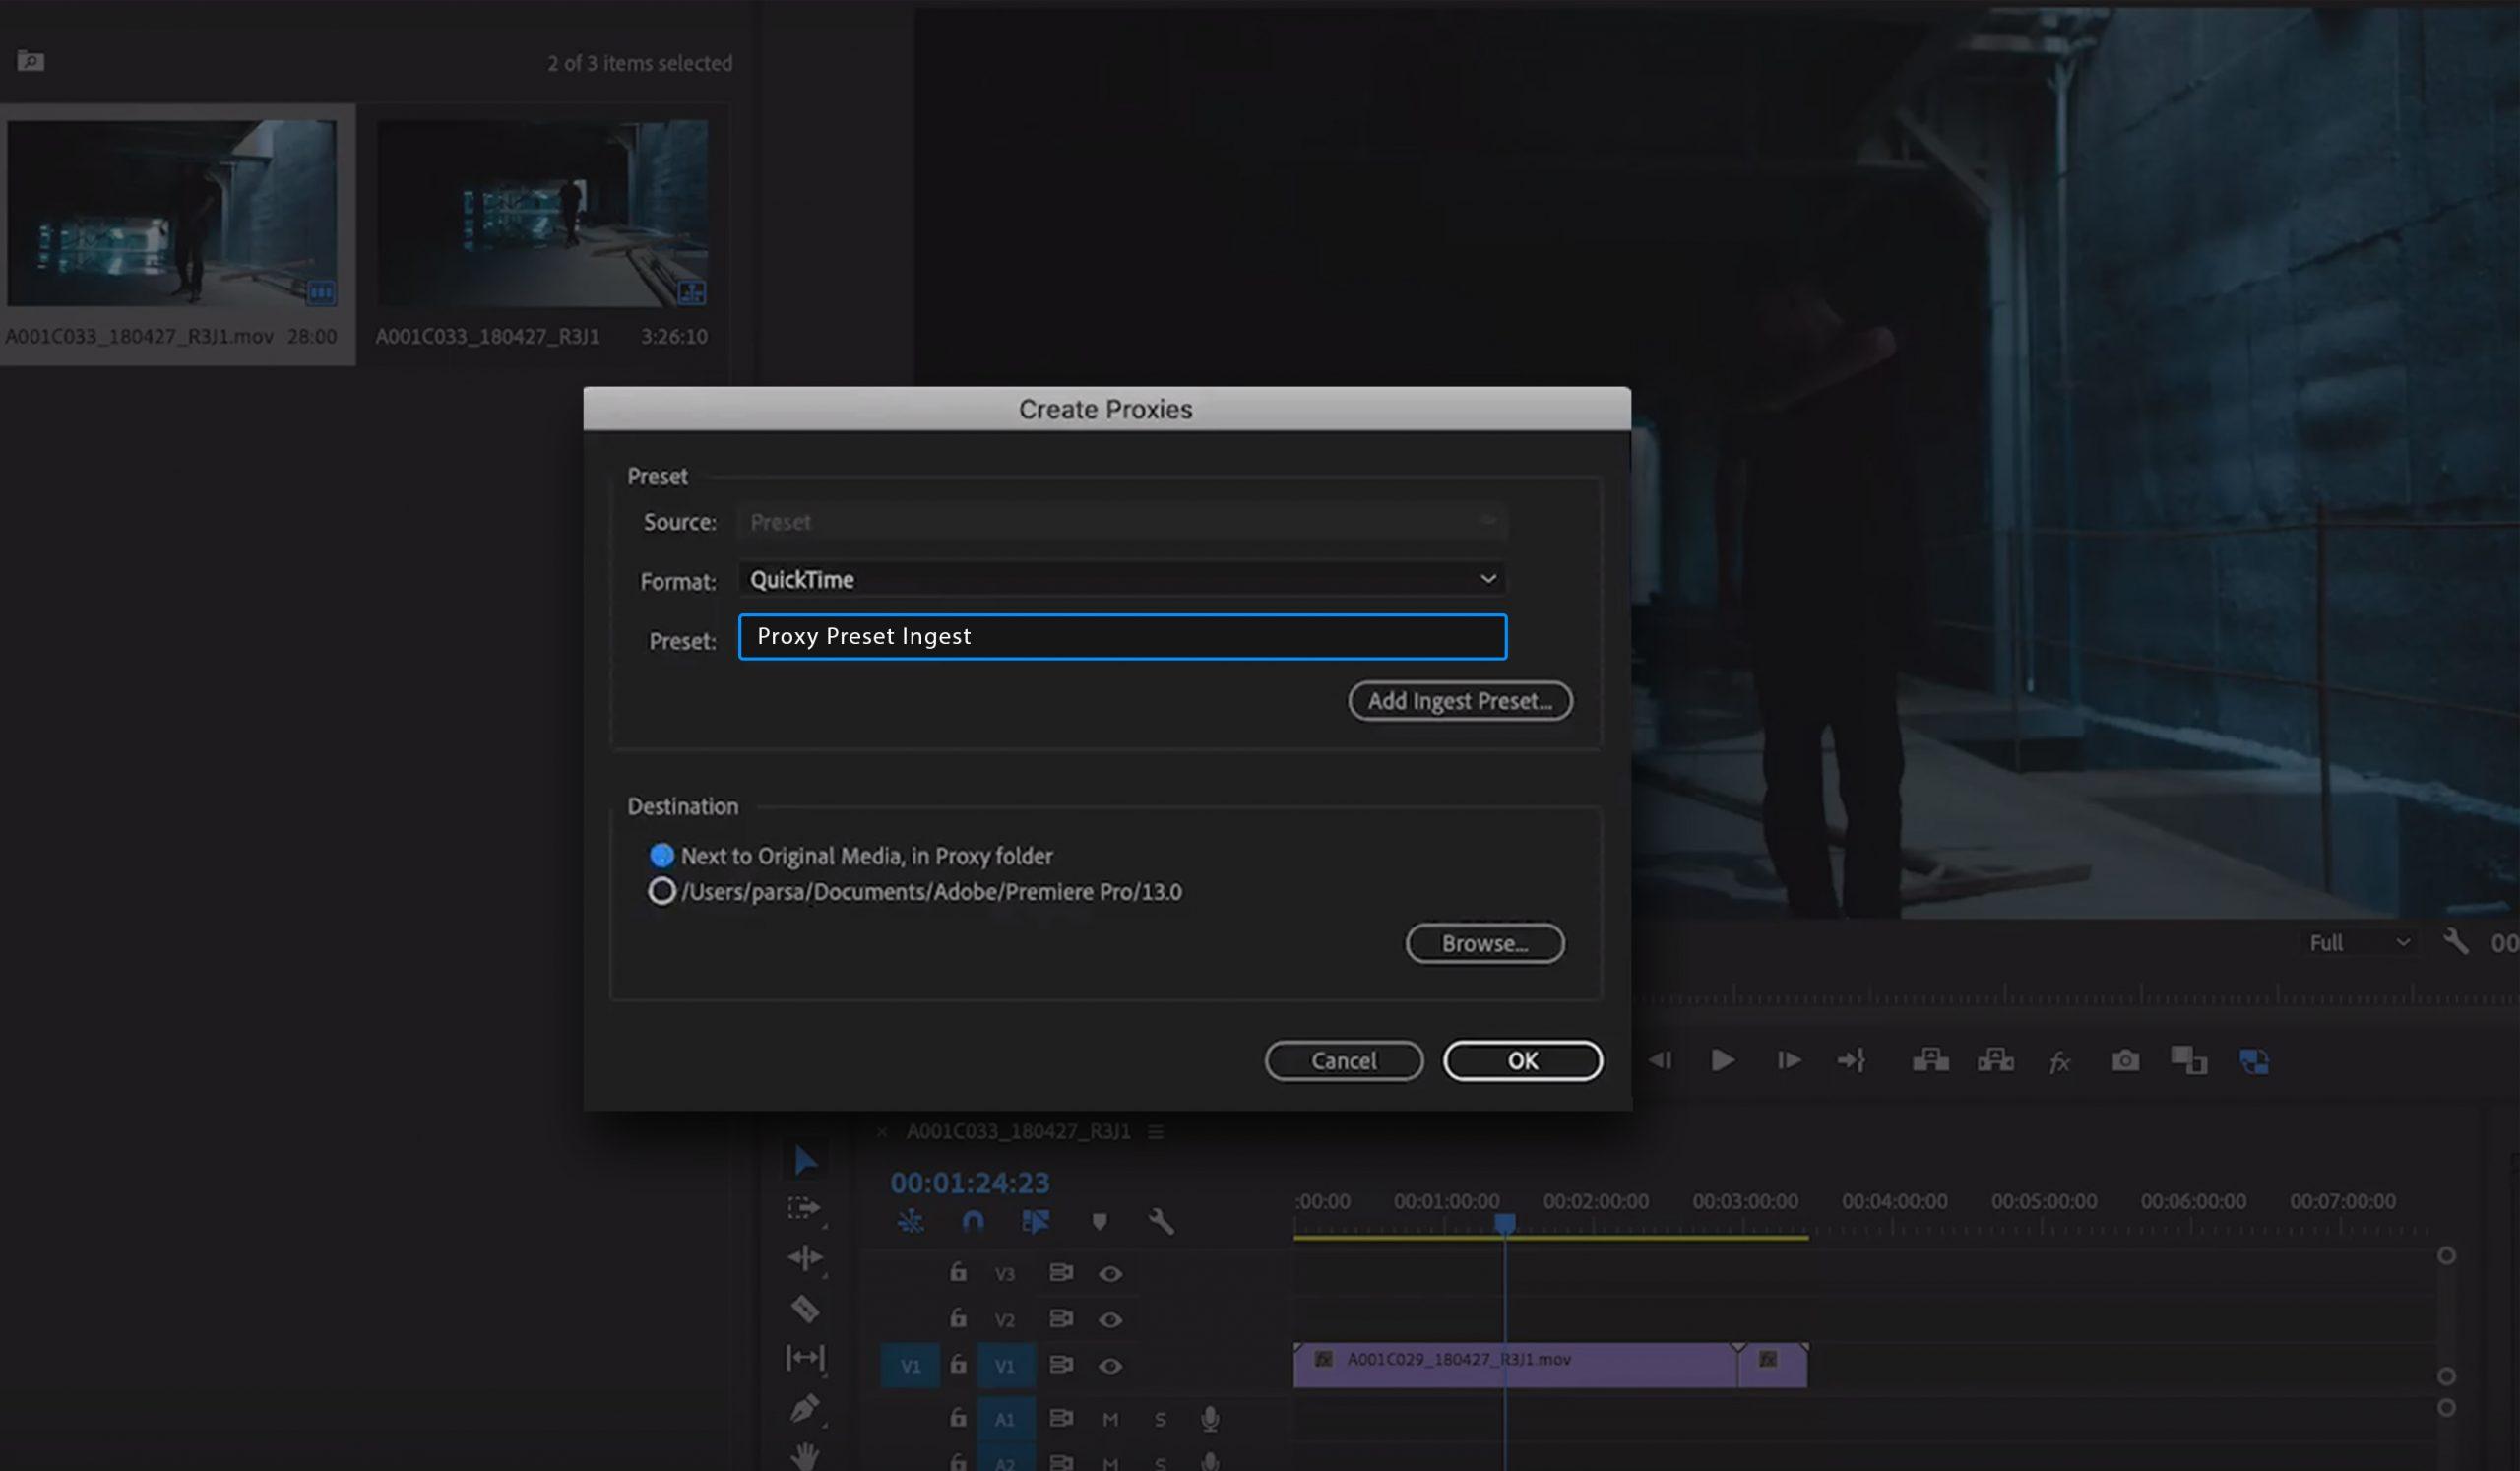 4k video editing create proxy premiere pro